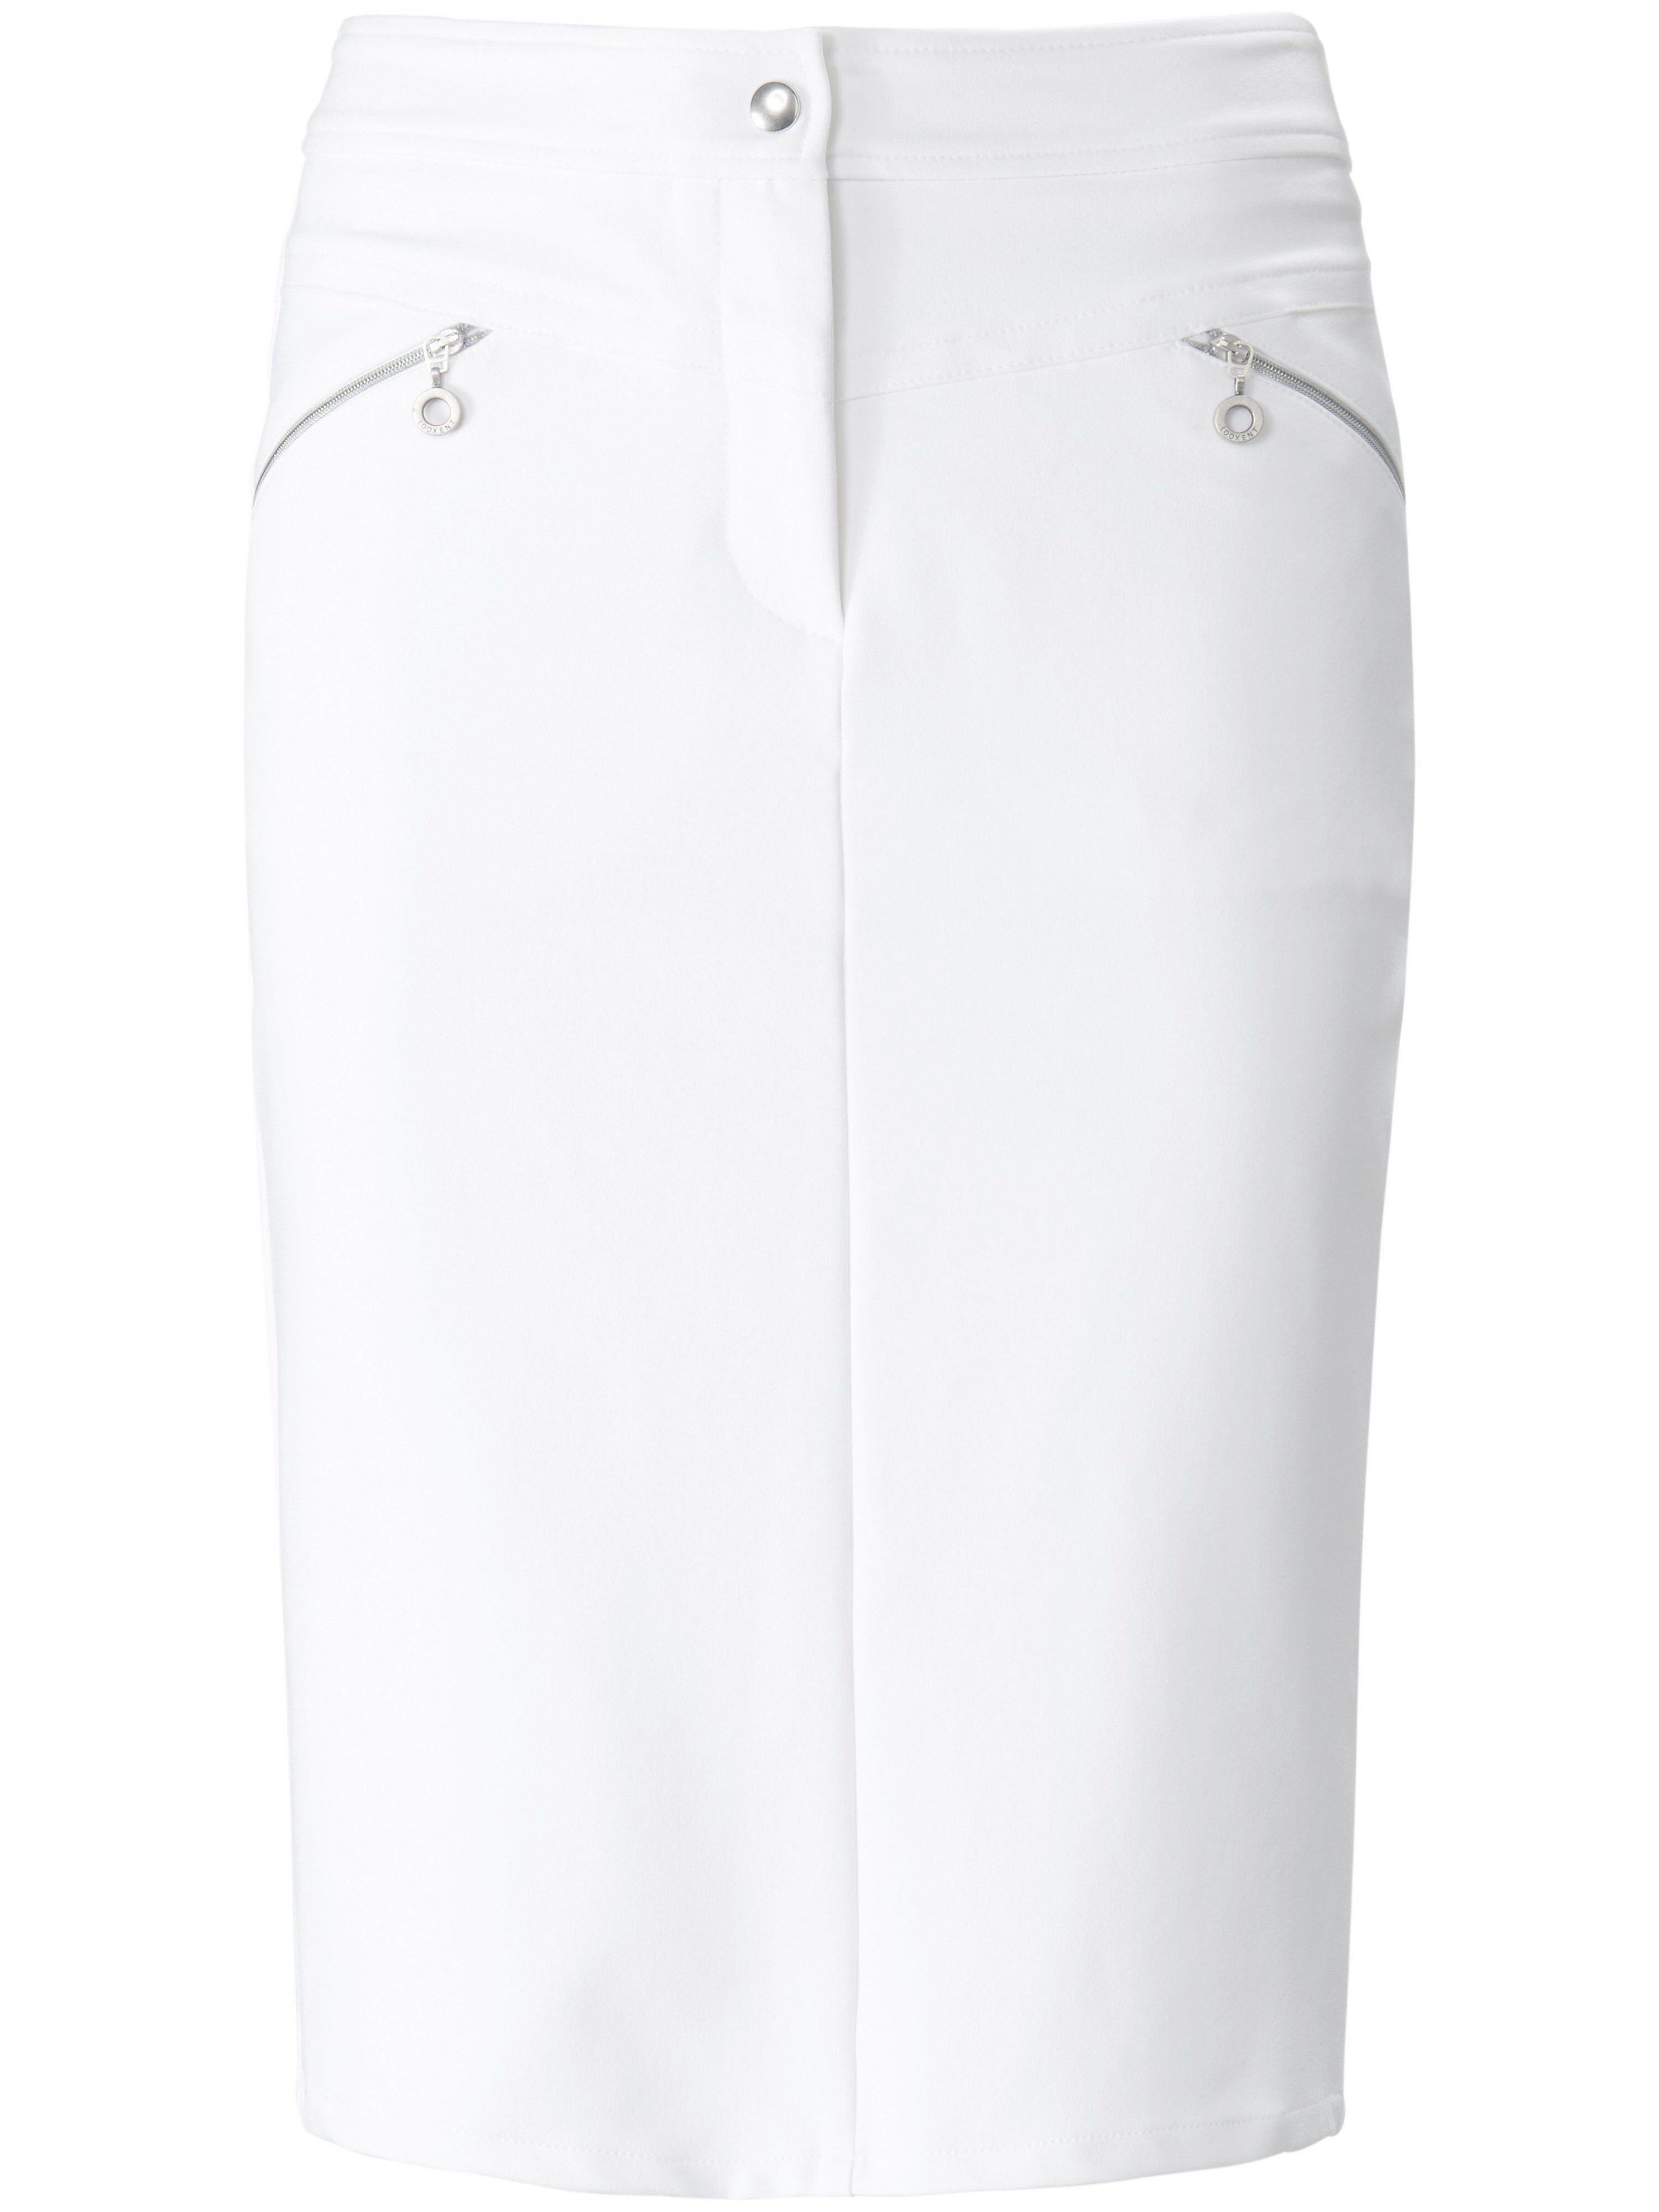 Looxent La jupe ligne droite  Looxent blanc  - Femme - 38